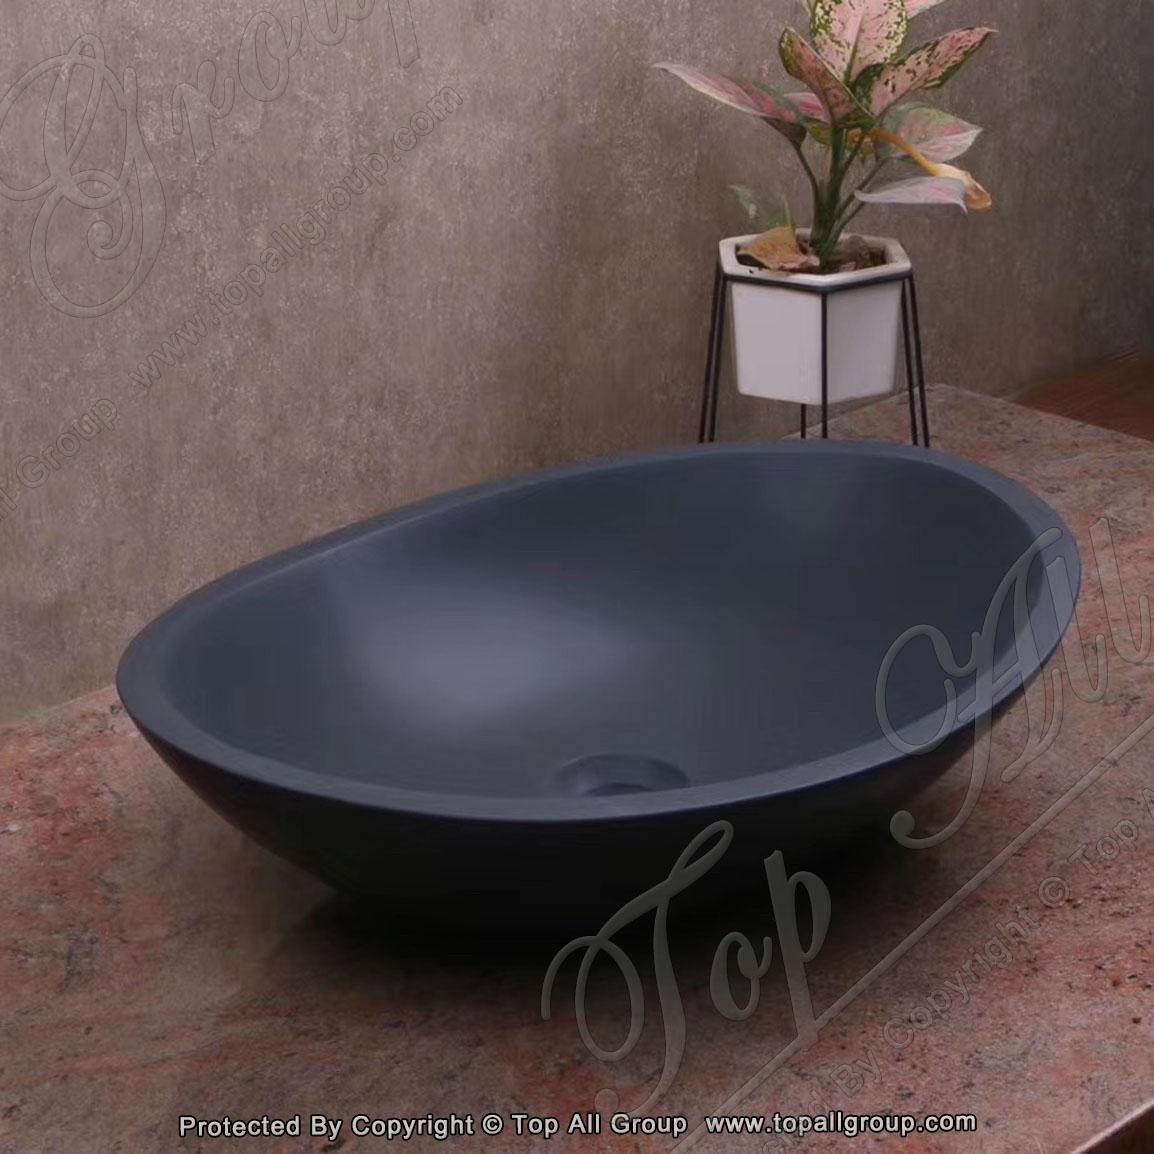 Freestanding Pedestal Bathroom Wash Basin Marble Stone Vanity Sinks